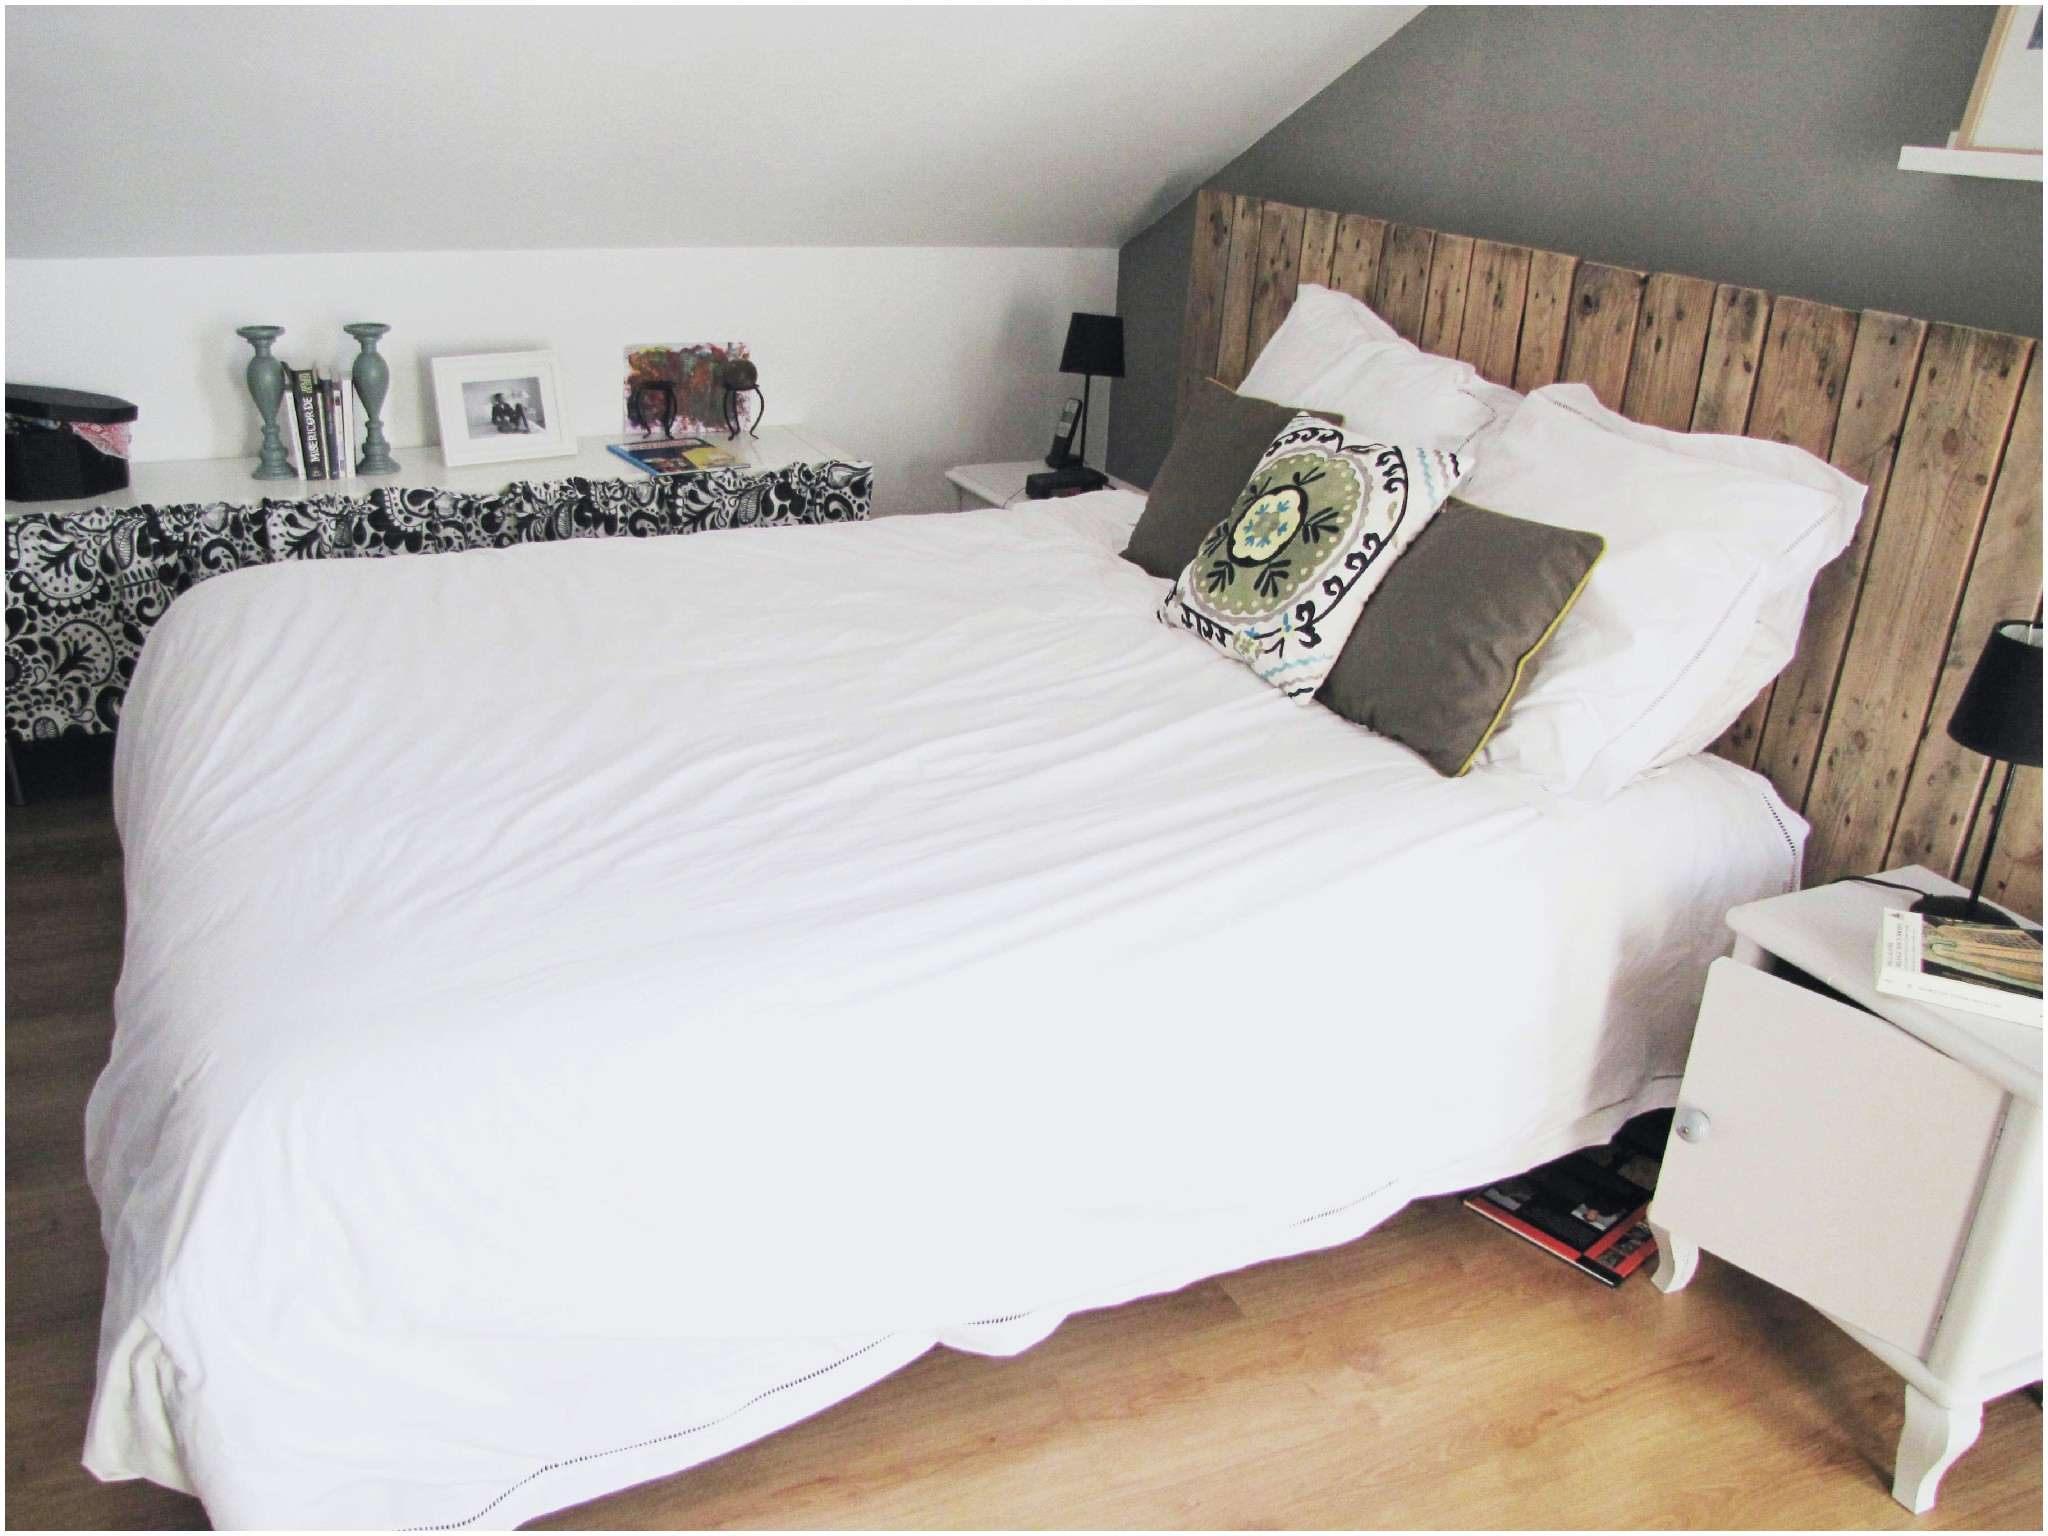 Fabriquer Une Tete De Lit En Palette Le Luxe Le Meilleur De 20 Inspiration Cabane Lit Avec Palette Home Design